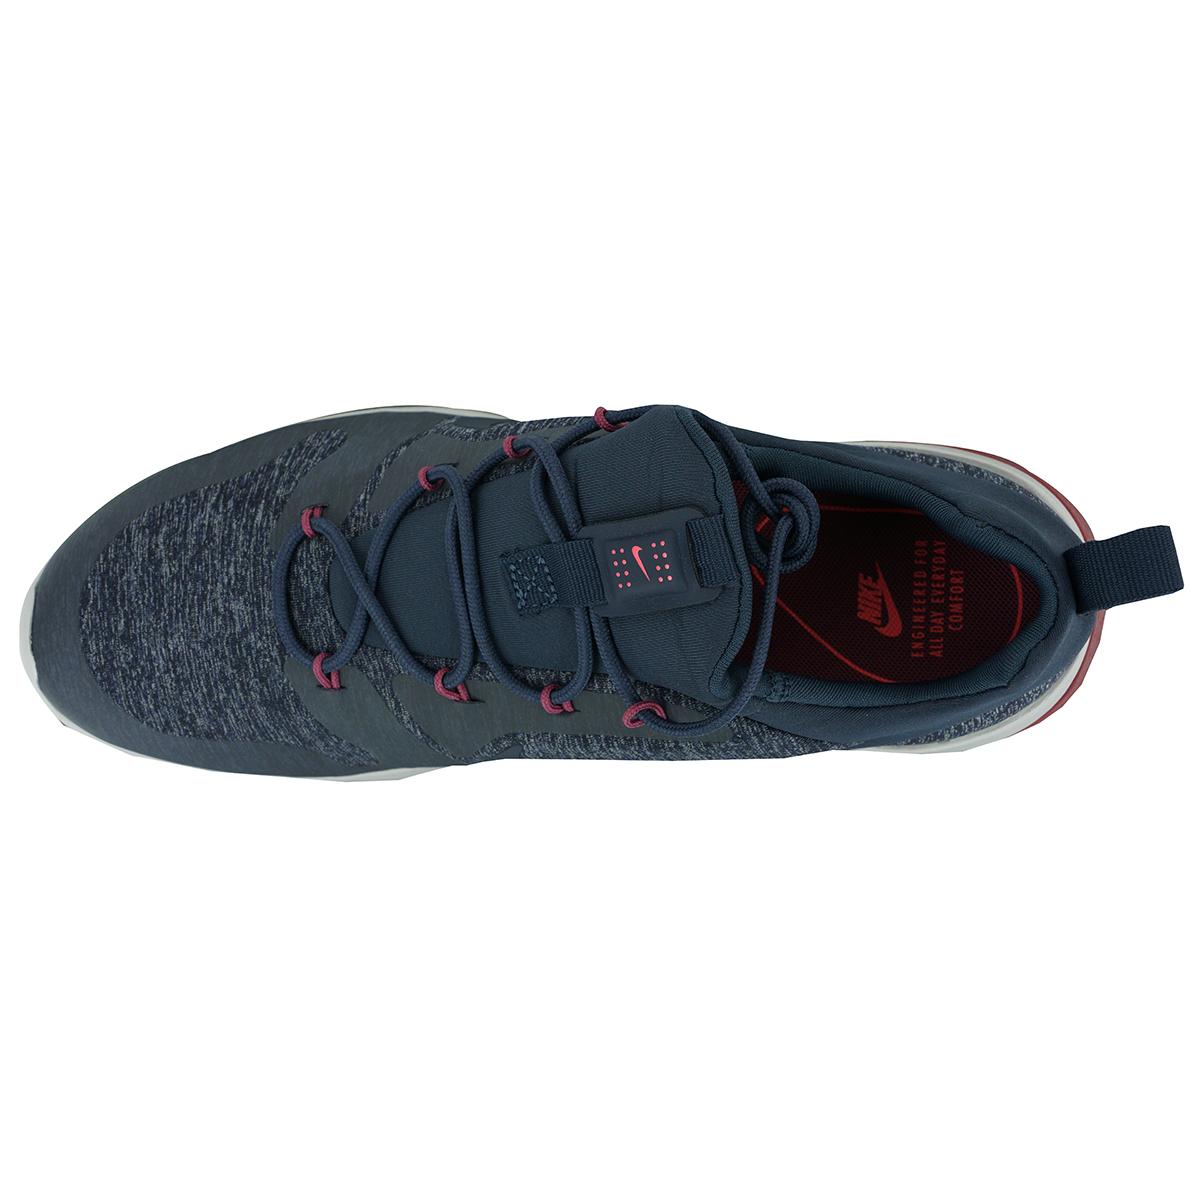 Nike-Men-039-s-CK-Racer-Shoes thumbnail 12